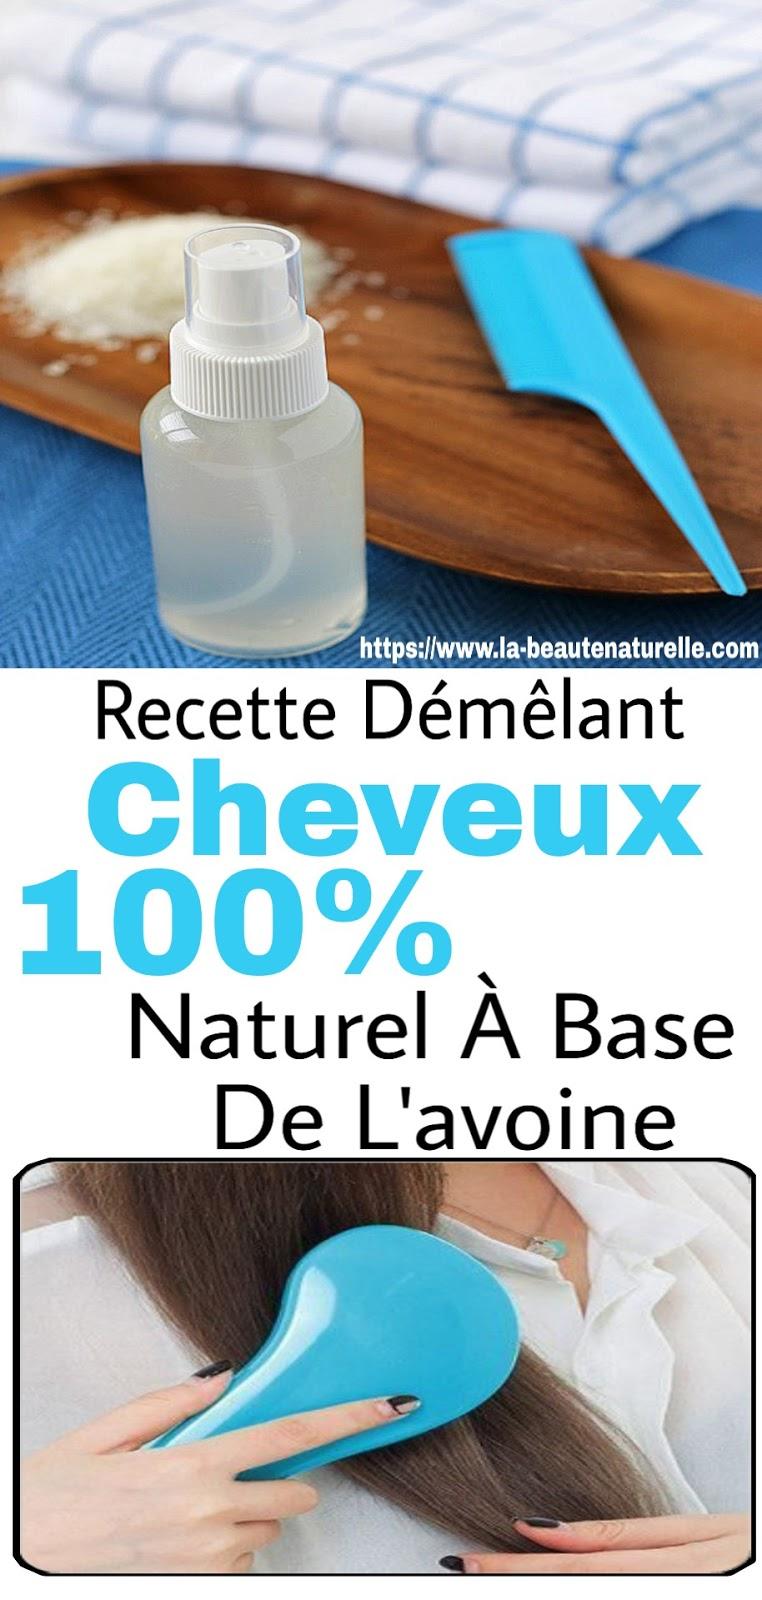 Recette Démêlant Cheveux 100% Naturel À Base De L'avoine